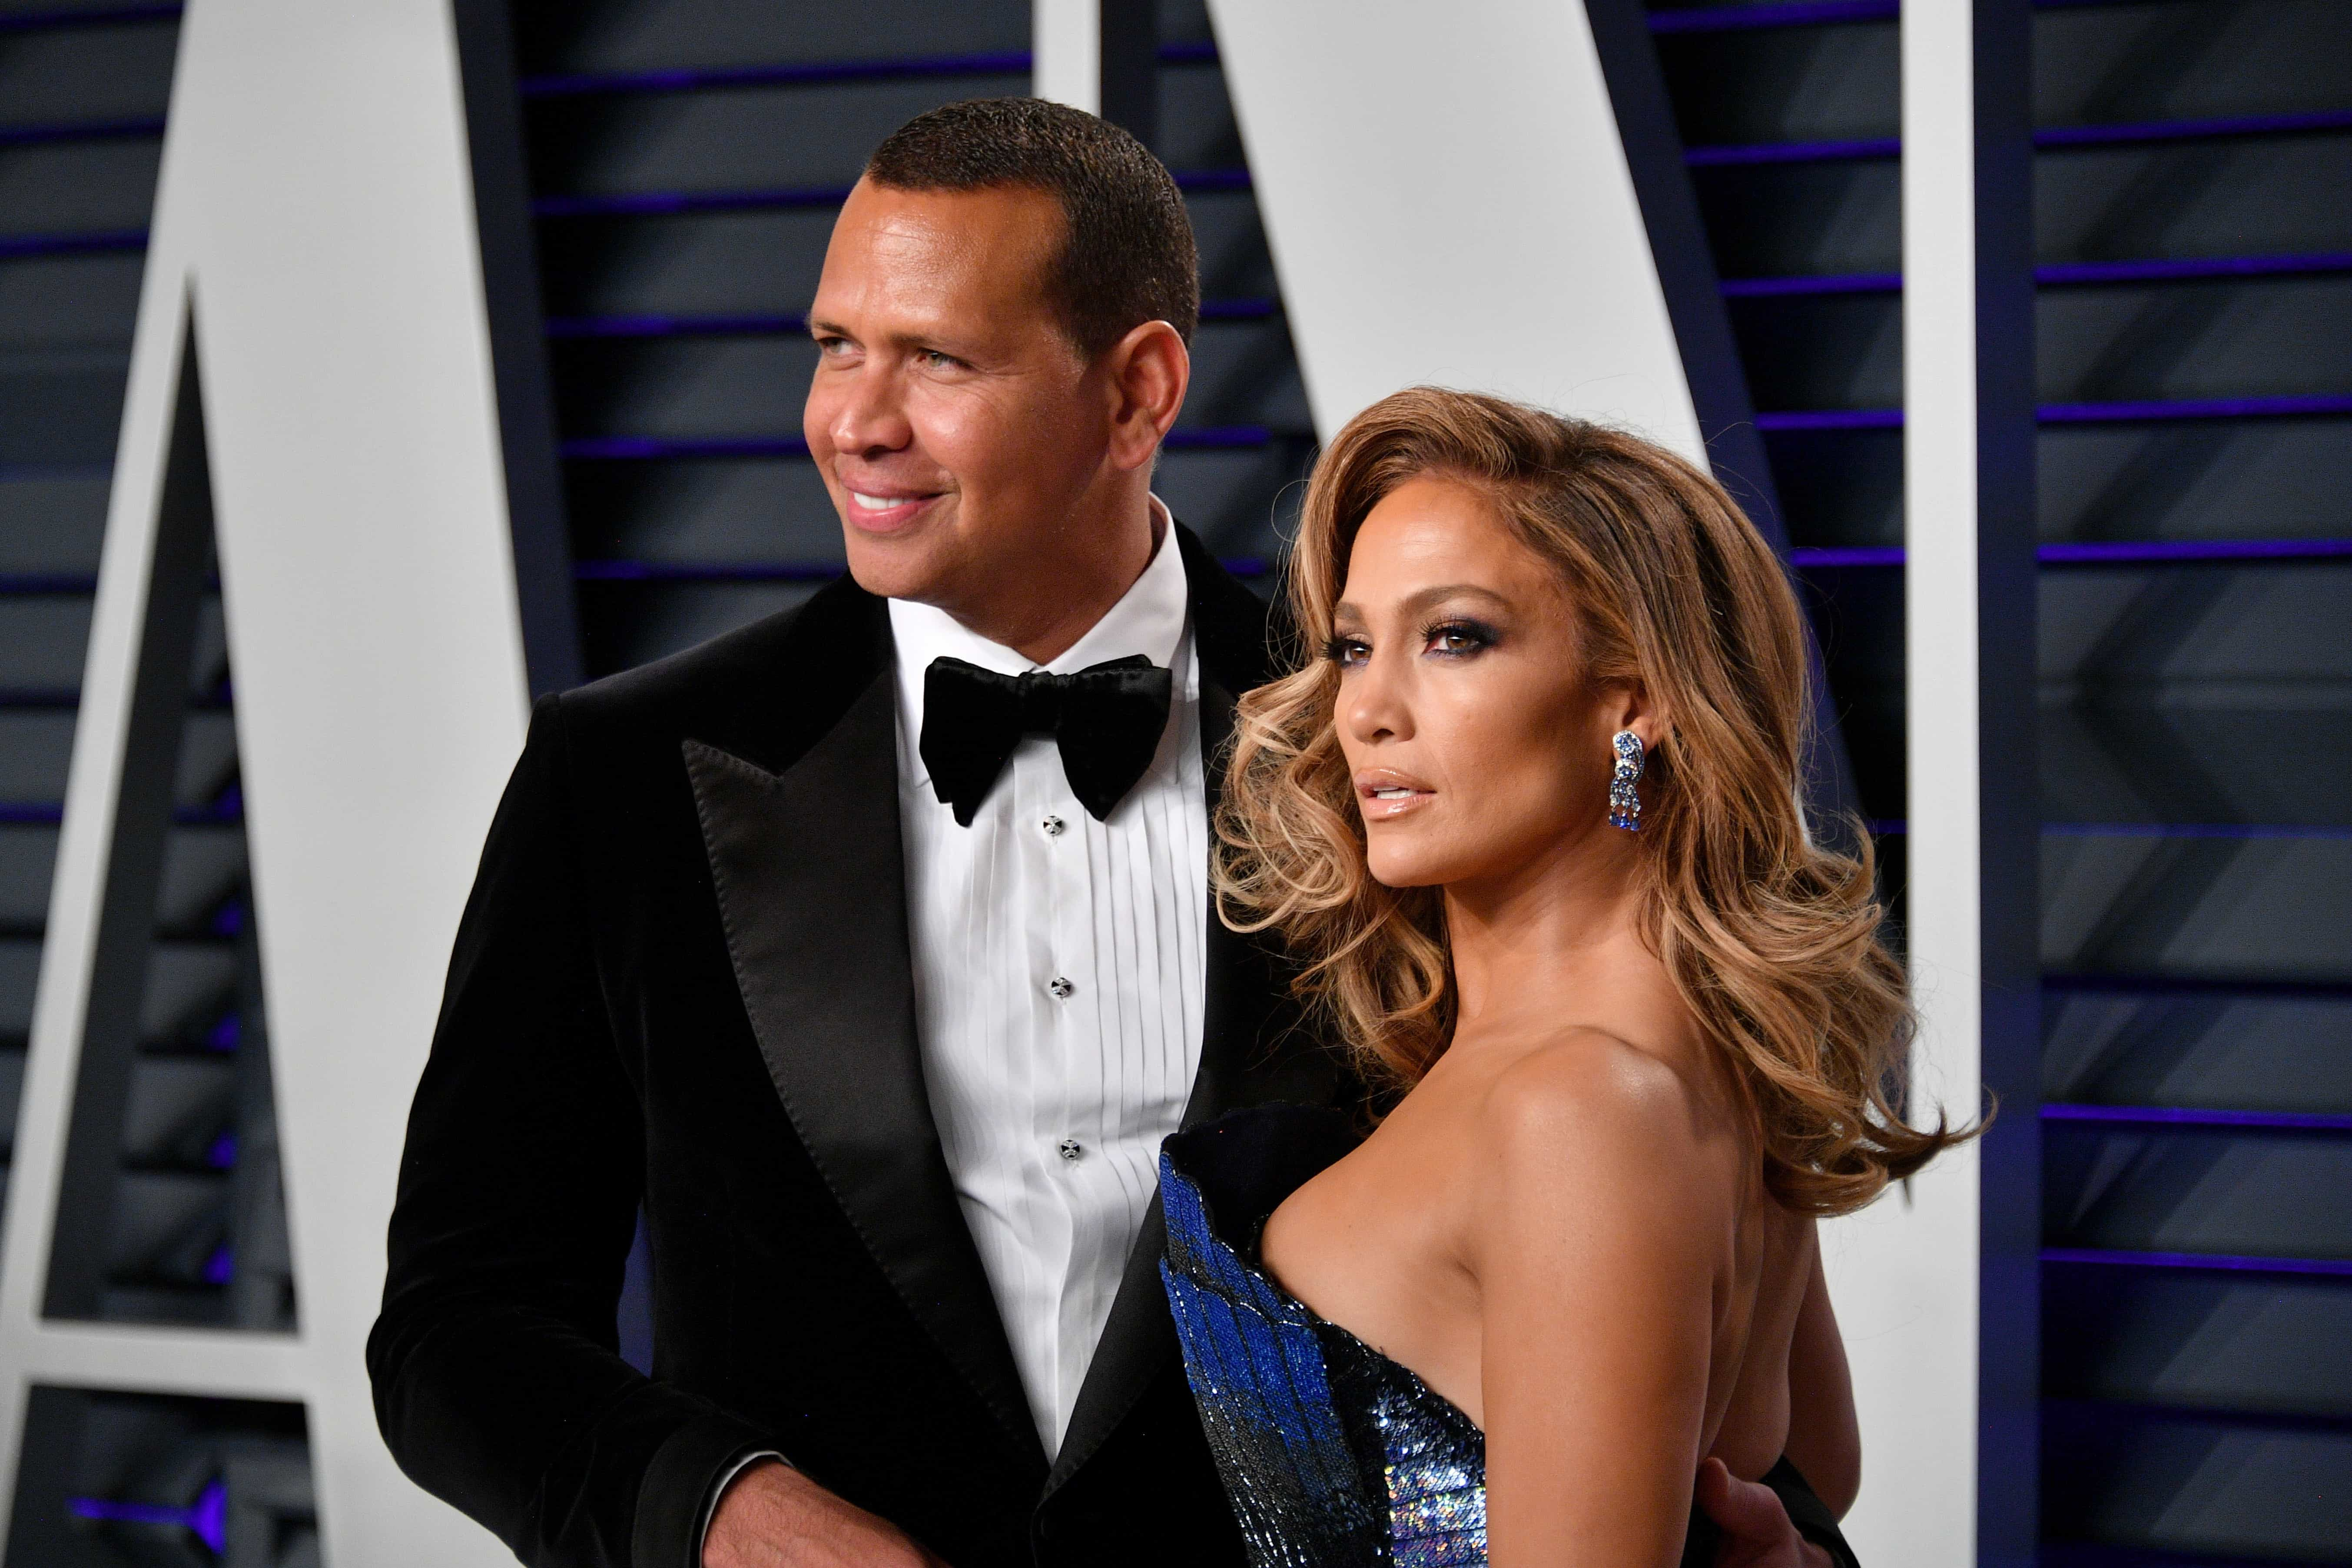 Cada vez mais apaixonado! Os elogios de Alex Rodriguez a Jennifer Lopez